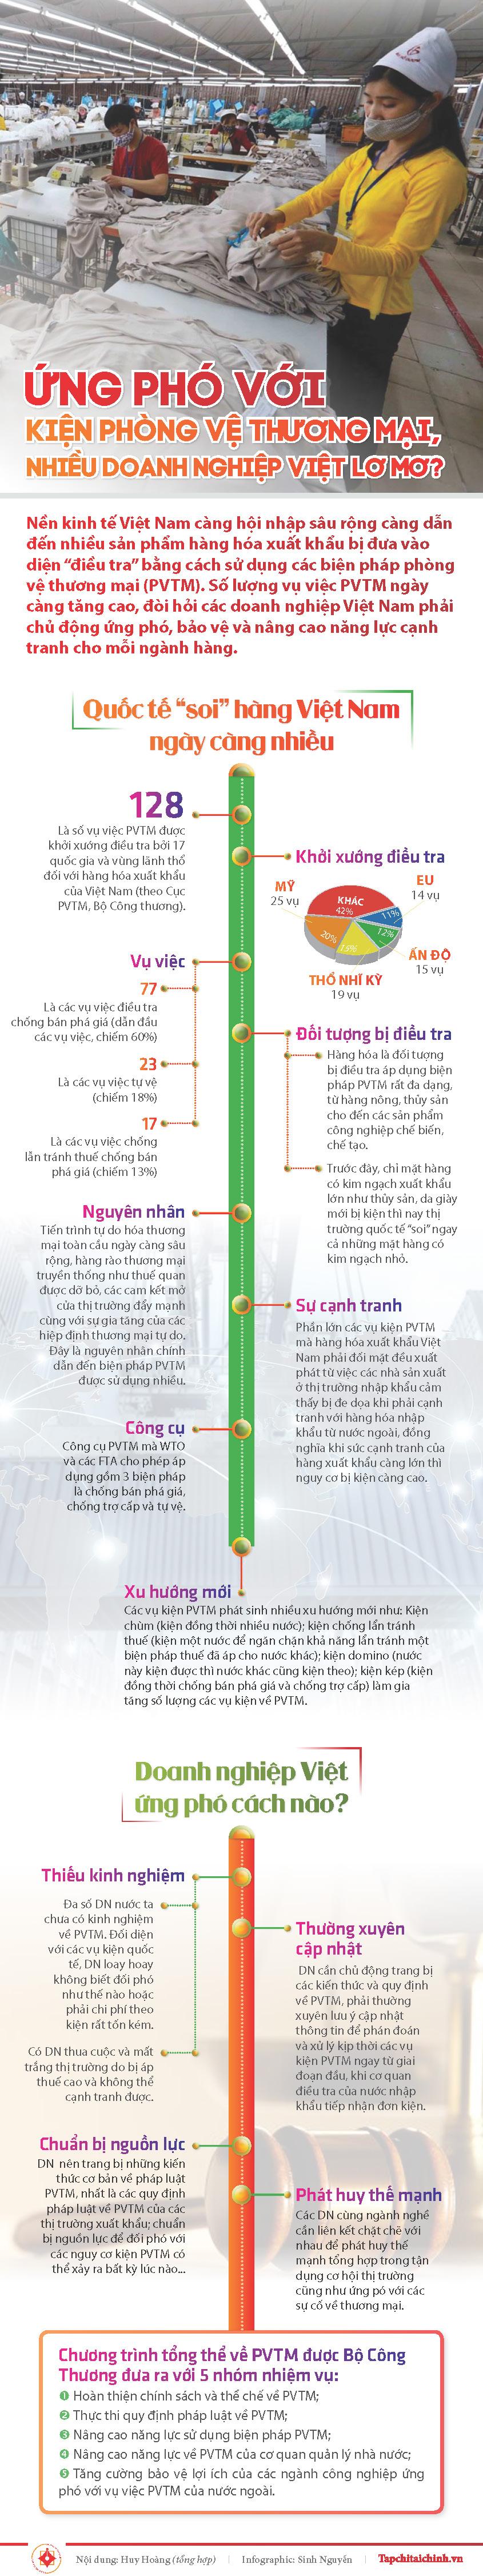 [Infographics] Ứng phó với kiện phòng vệ thương mại, nhiều doanh nghiệp Việt lơ mơ? - Ảnh 1